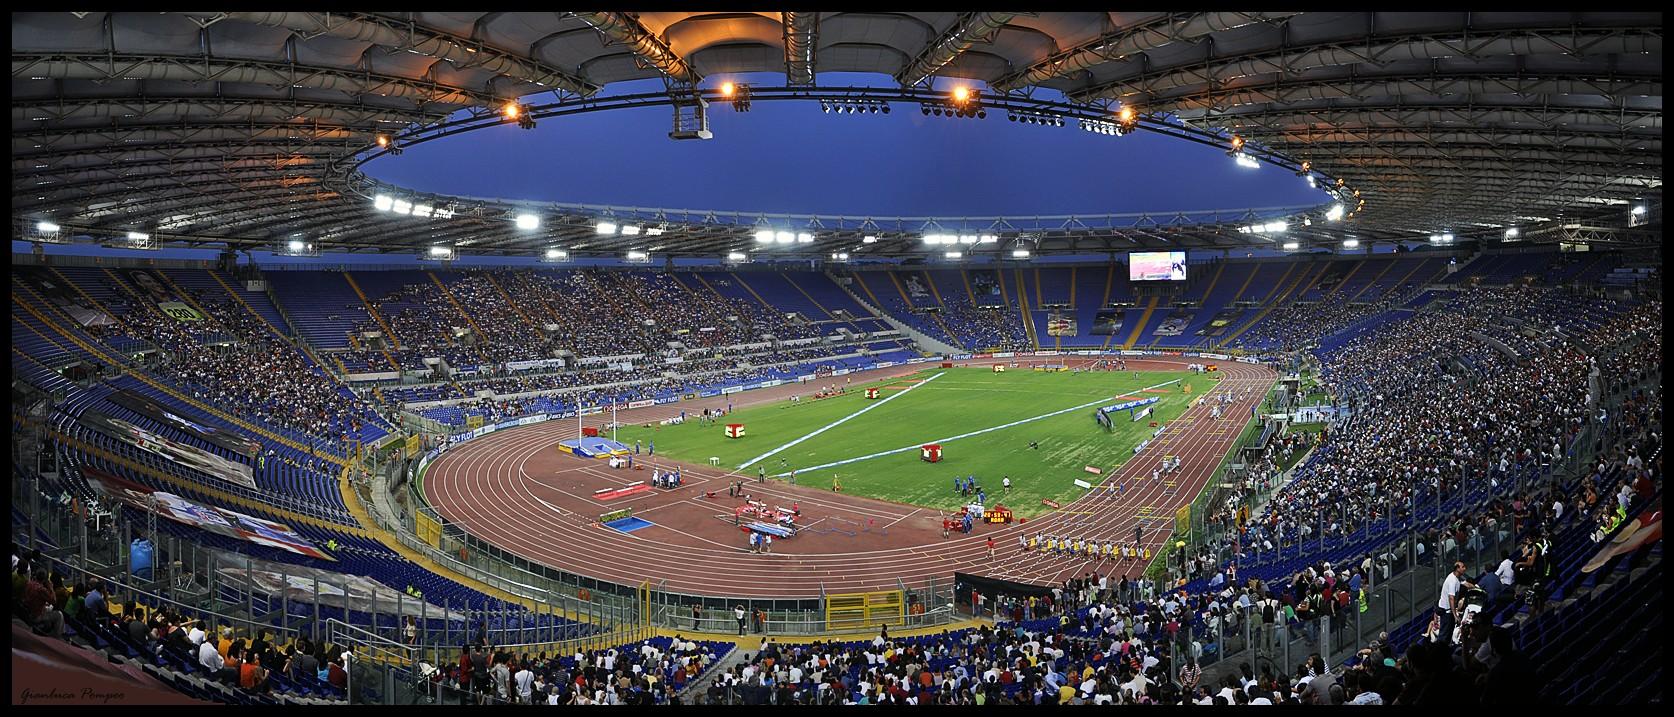 Predicción Barça campeón champions 2015 y 2016 Roma-stadio-olimpico-1207